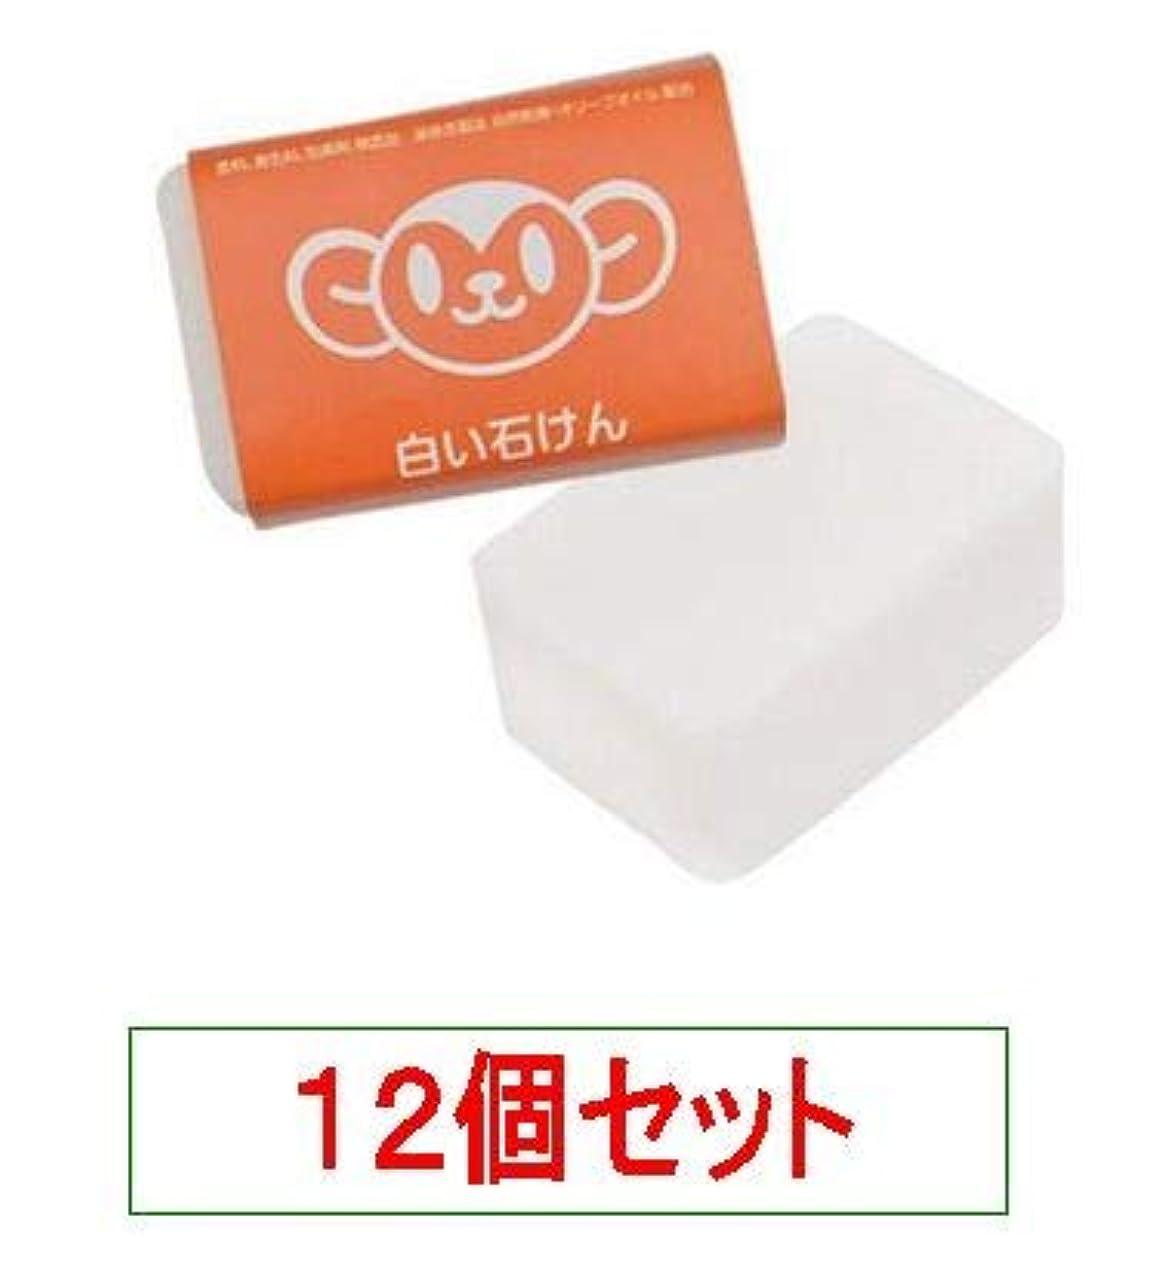 可能大工閉じ込めるハイム むーくんシリーズ 白い石けん 120g<無添加の洗顔、入浴用>X12個セット